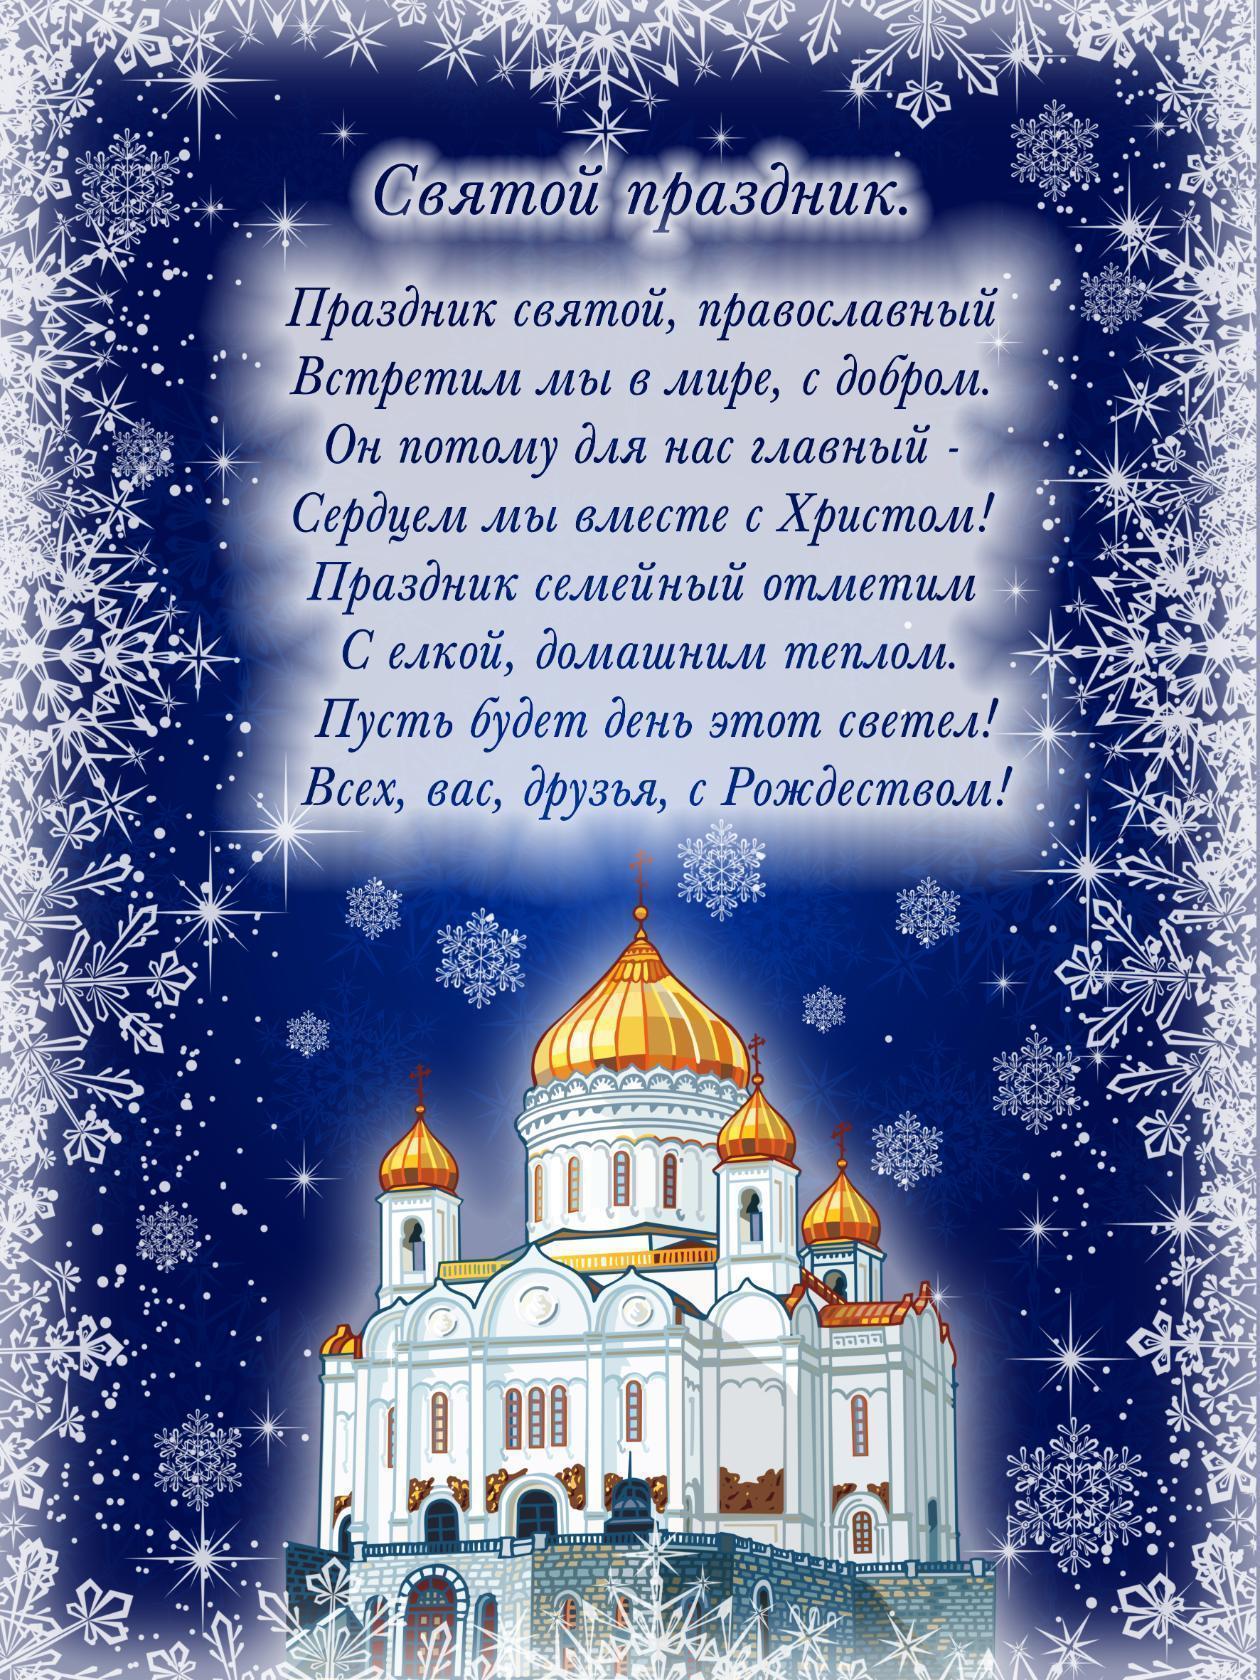 Поздравление с рождеством христовым для всех